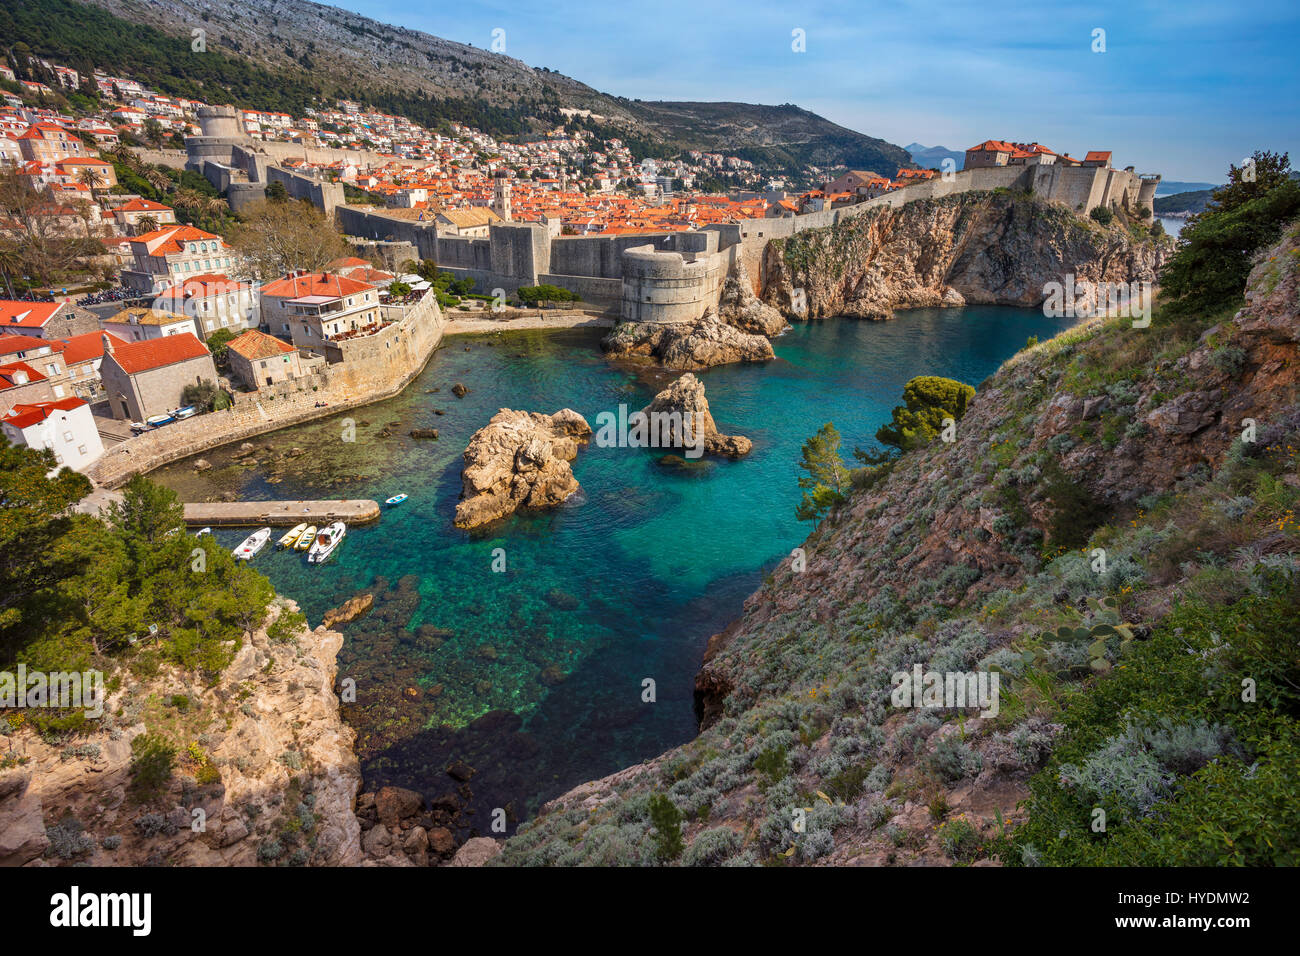 Dubrovnik, Croatie. Belle romantique vieille ville de Dubrovnik pendant les jours ensoleillés. Photo Stock